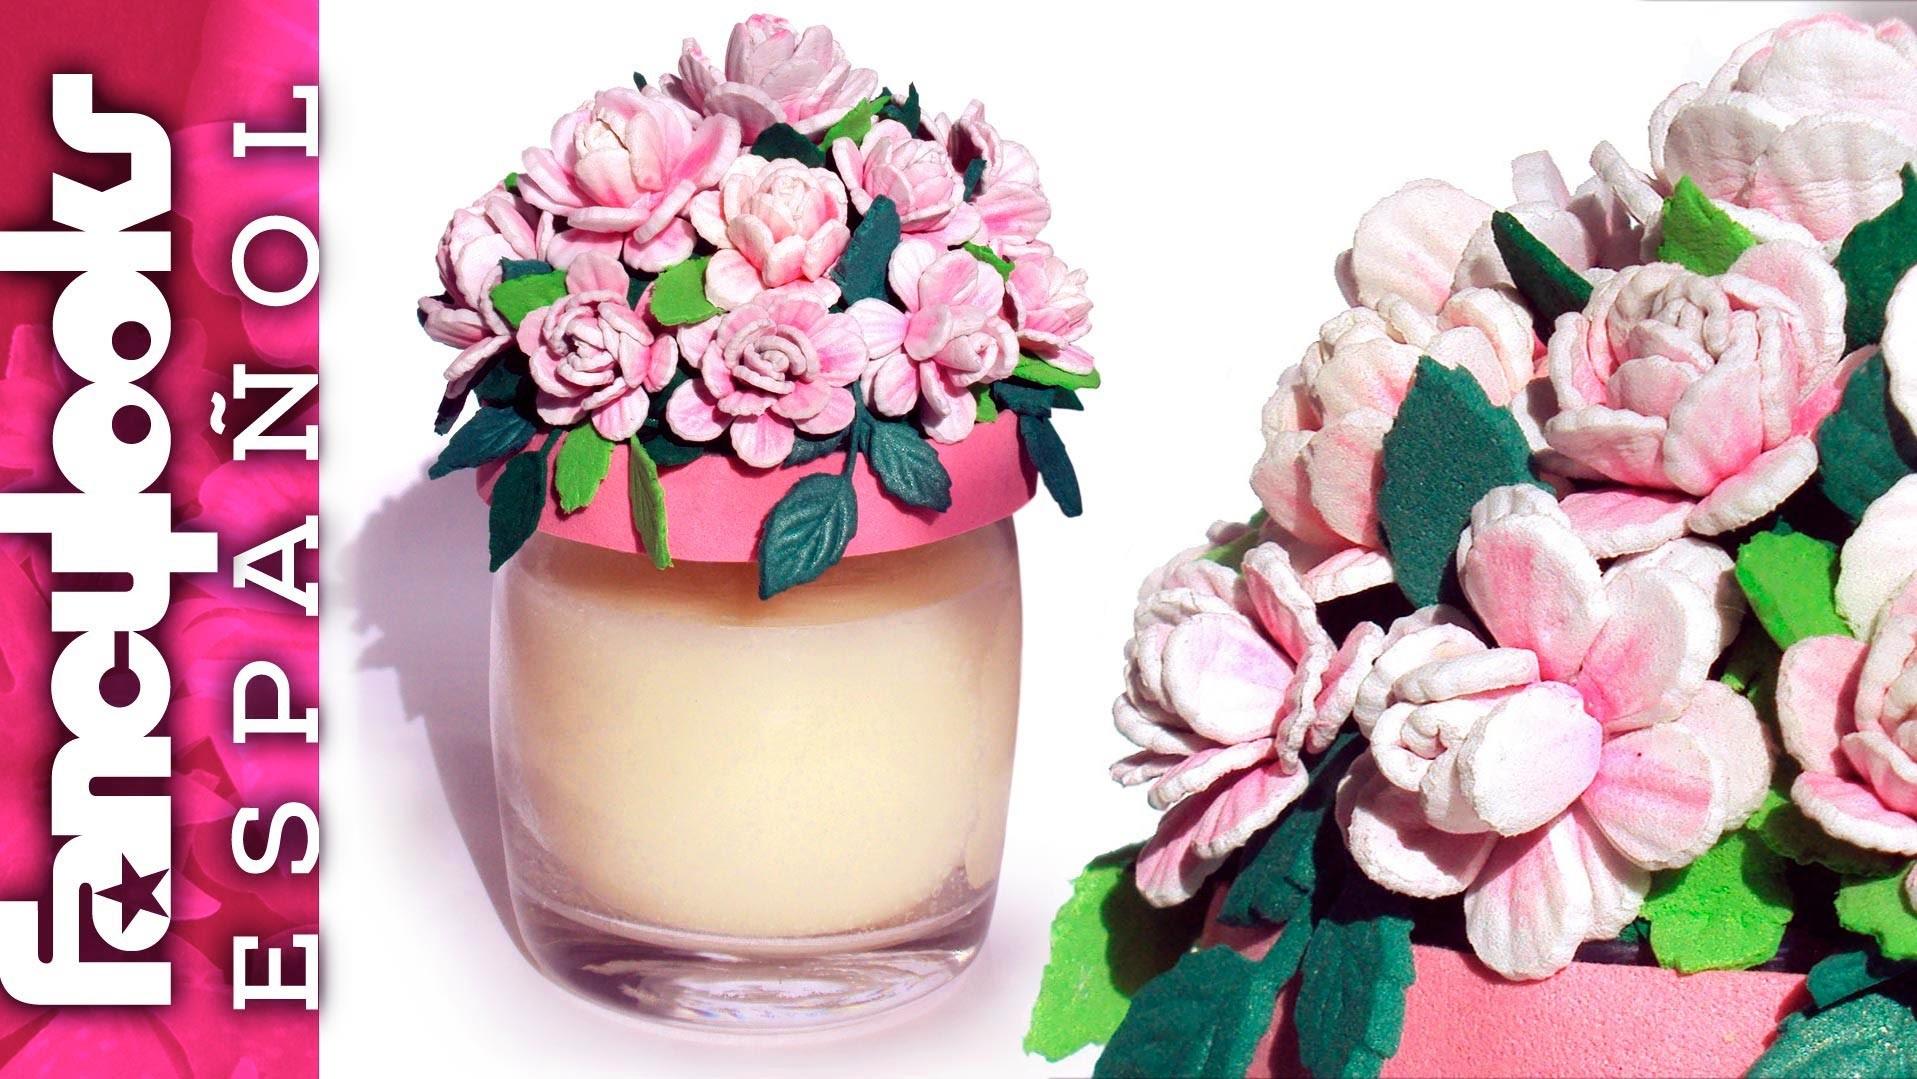 C mo hacer rositas de goma eva para decorar tapa de tarro for Botes de cocina decorados con goma eva